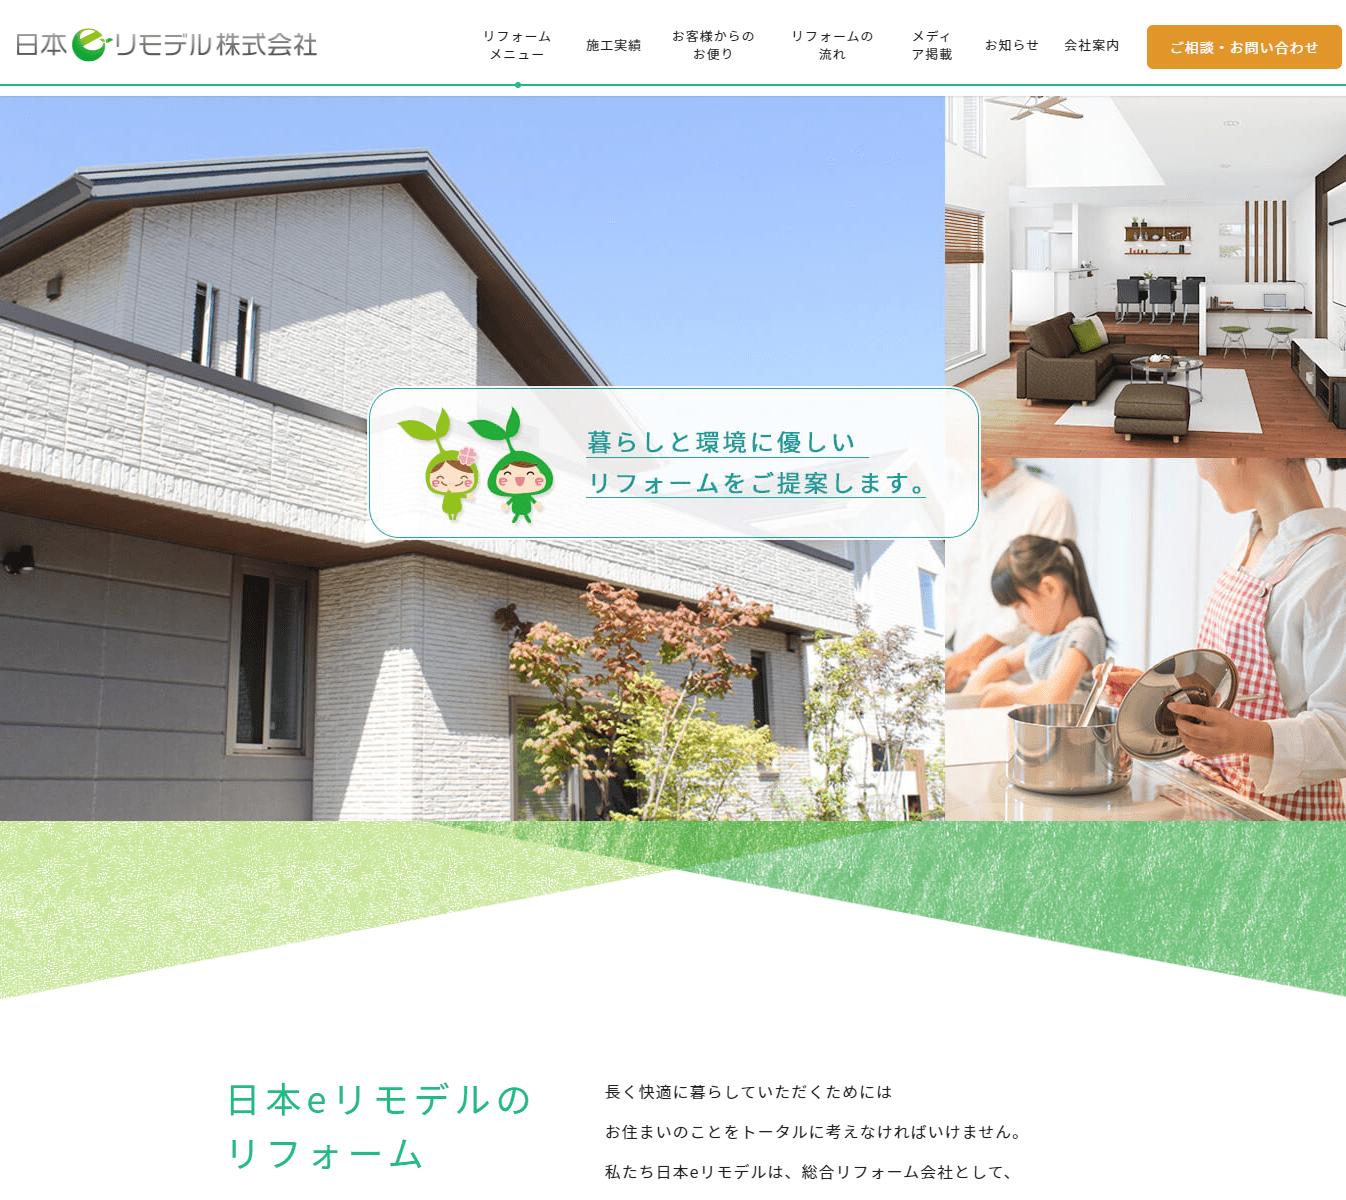 日本eリモデル株式会社大阪支店の口コミや評判